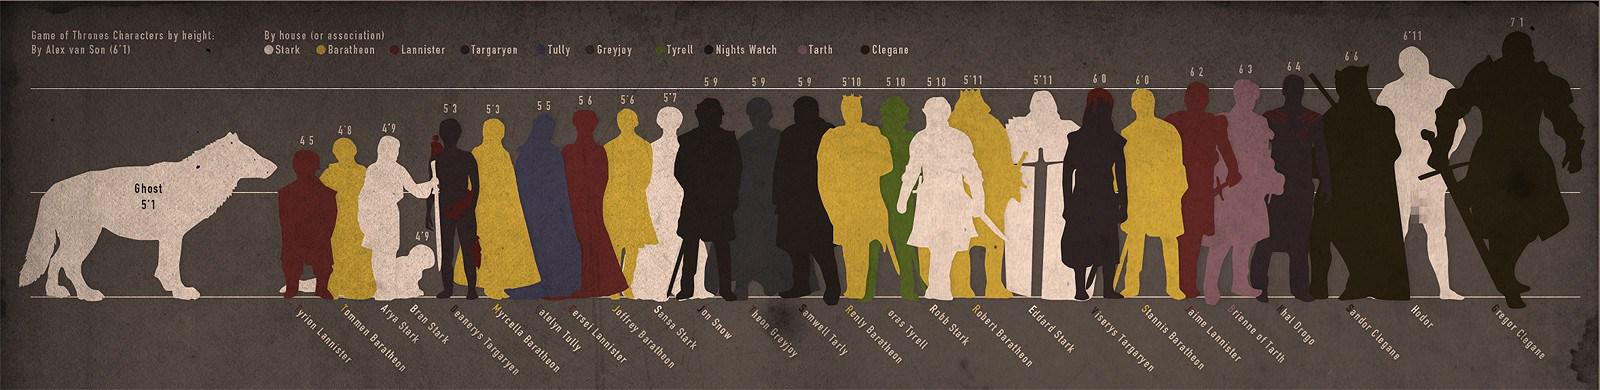 inforgrafika Hra o trony 7